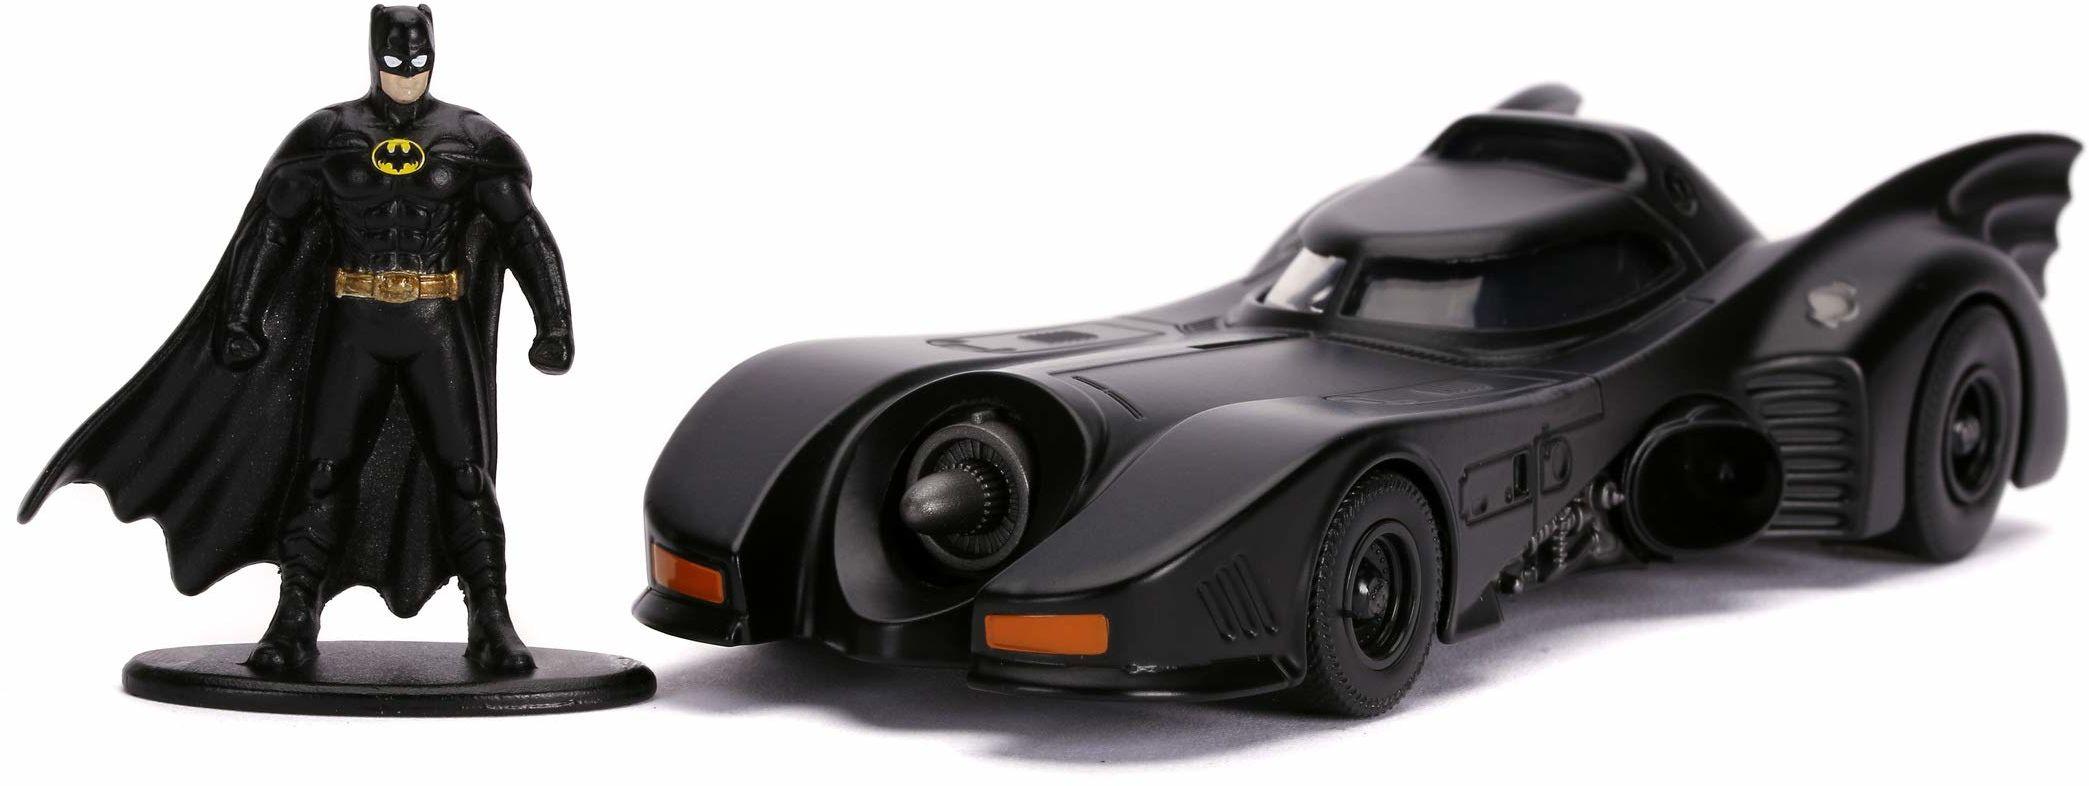 Jada Toys 253213003 1989 Batmobile, zabawkowy samochód, otwierane drzwi, Die-Cast, wraz z figurką Batmana, skala 1:32, czarny